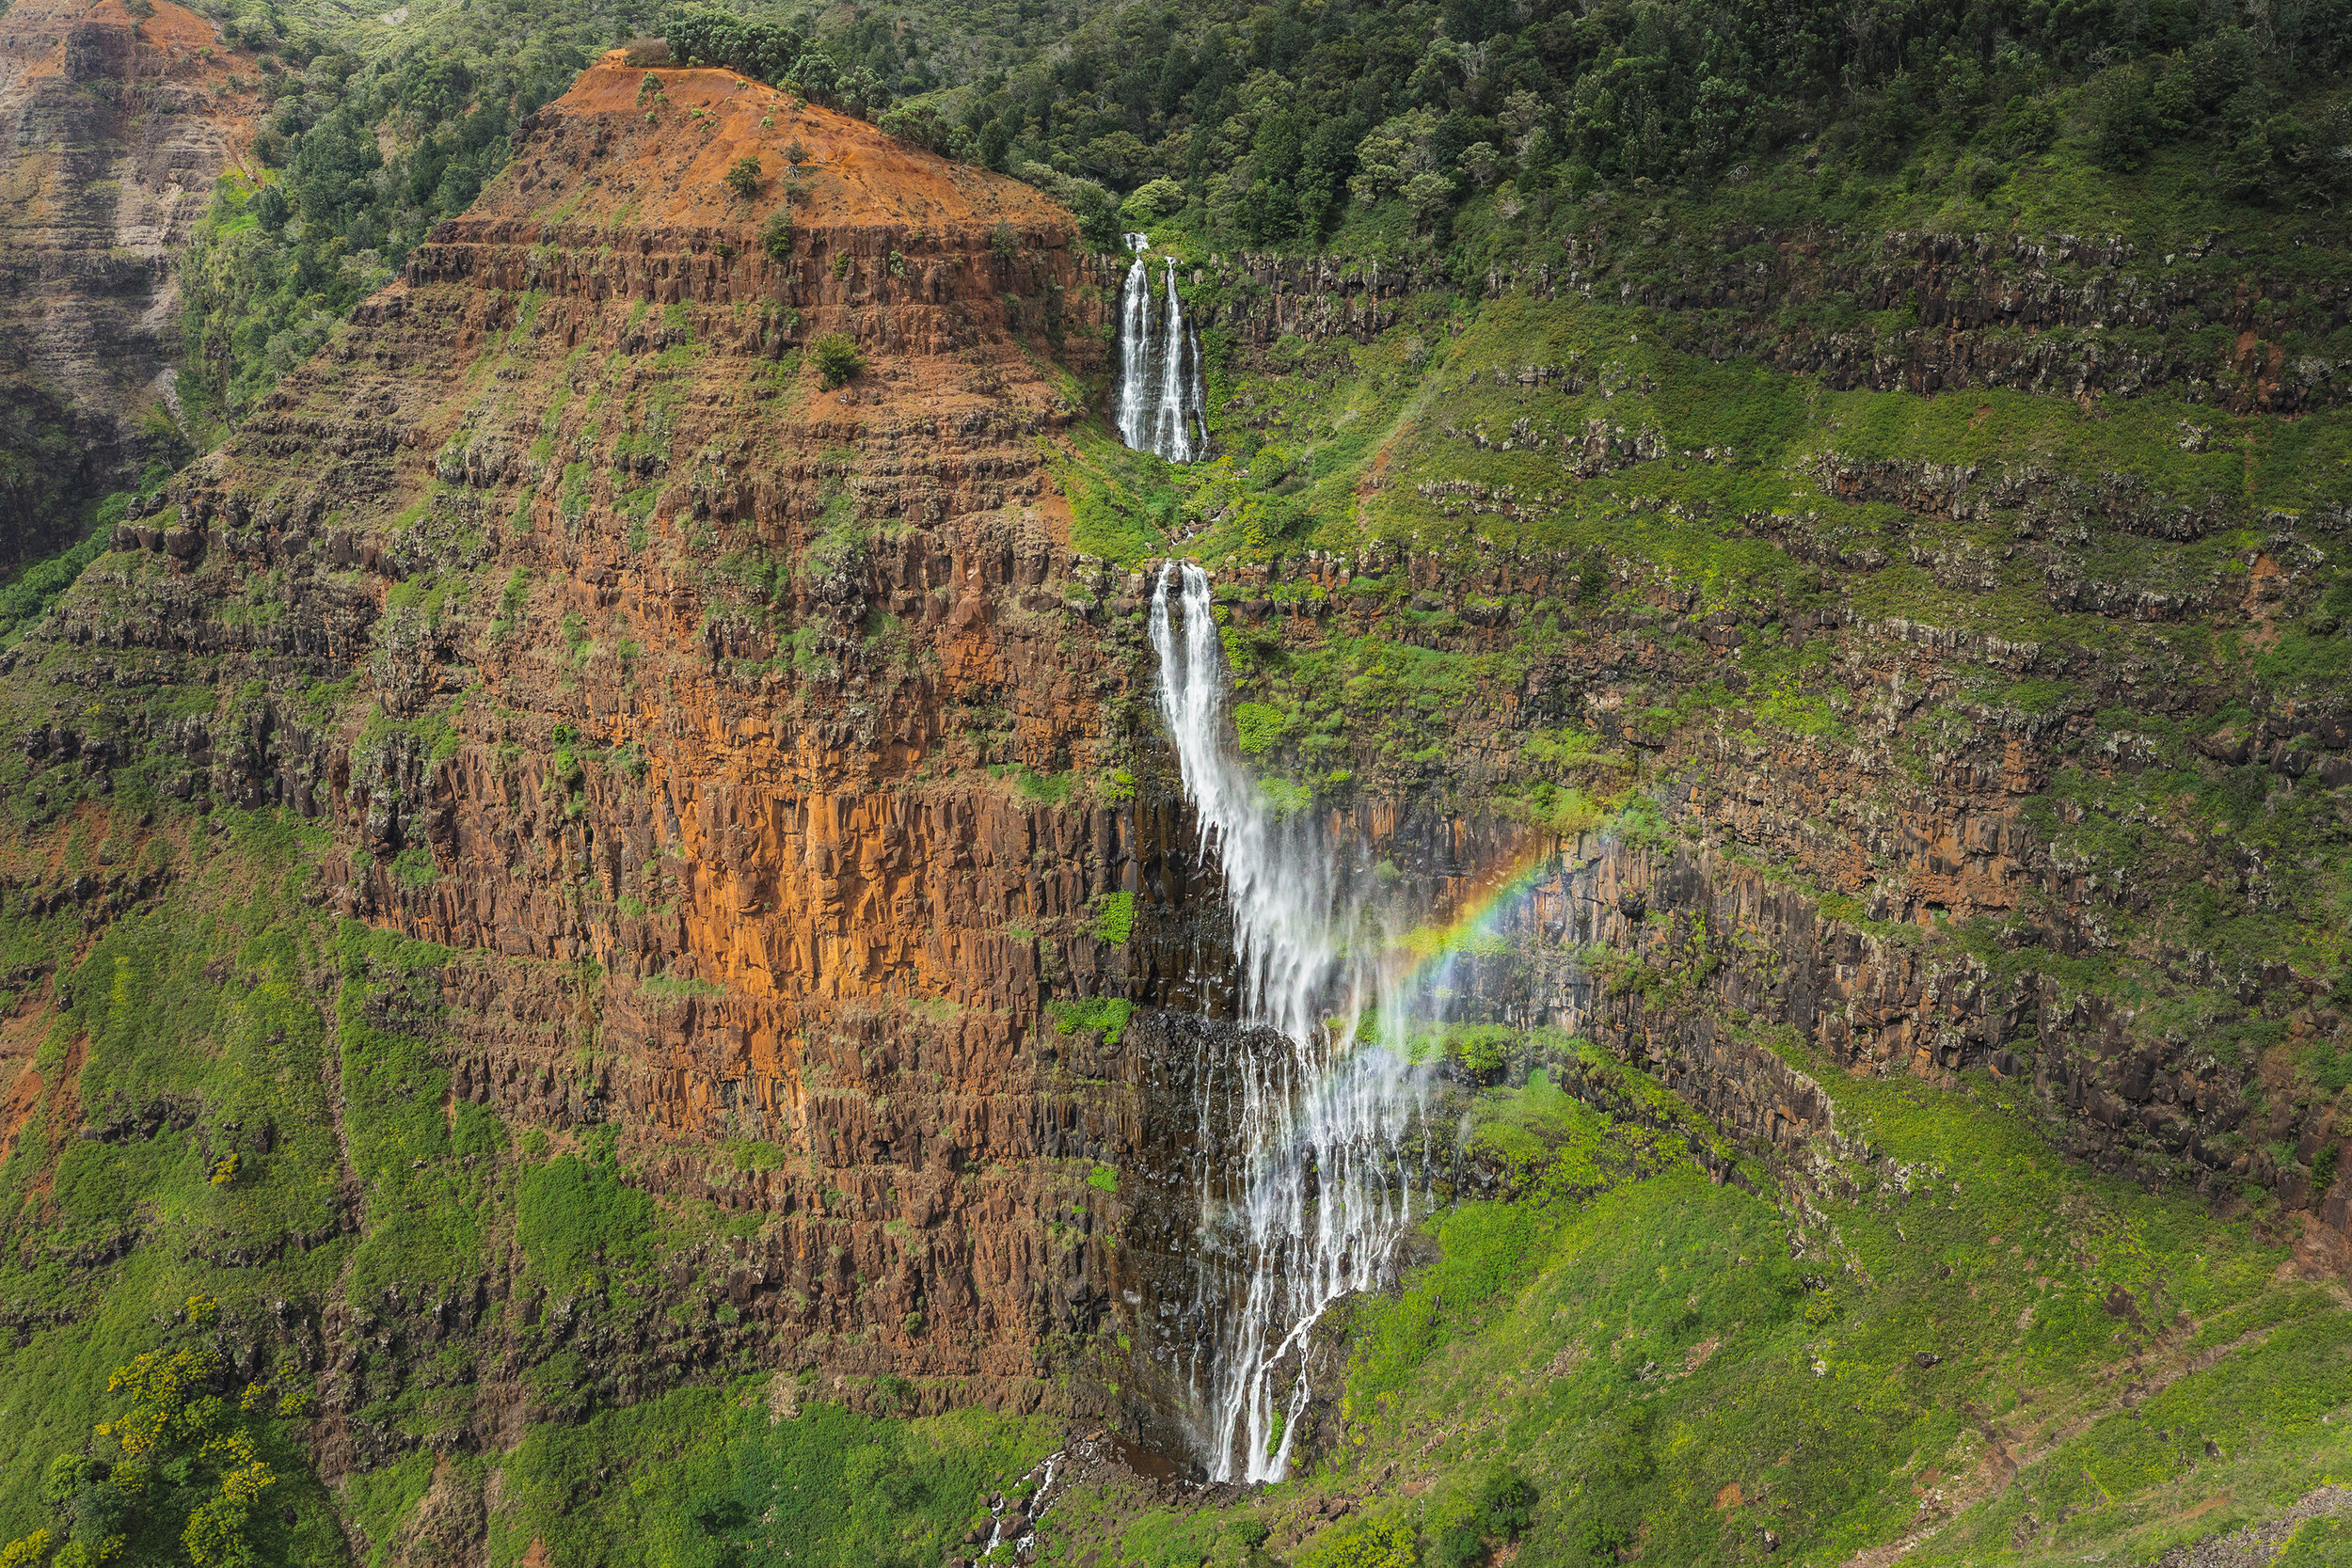 kauai-helicopter-tour-180920-02393.jpg